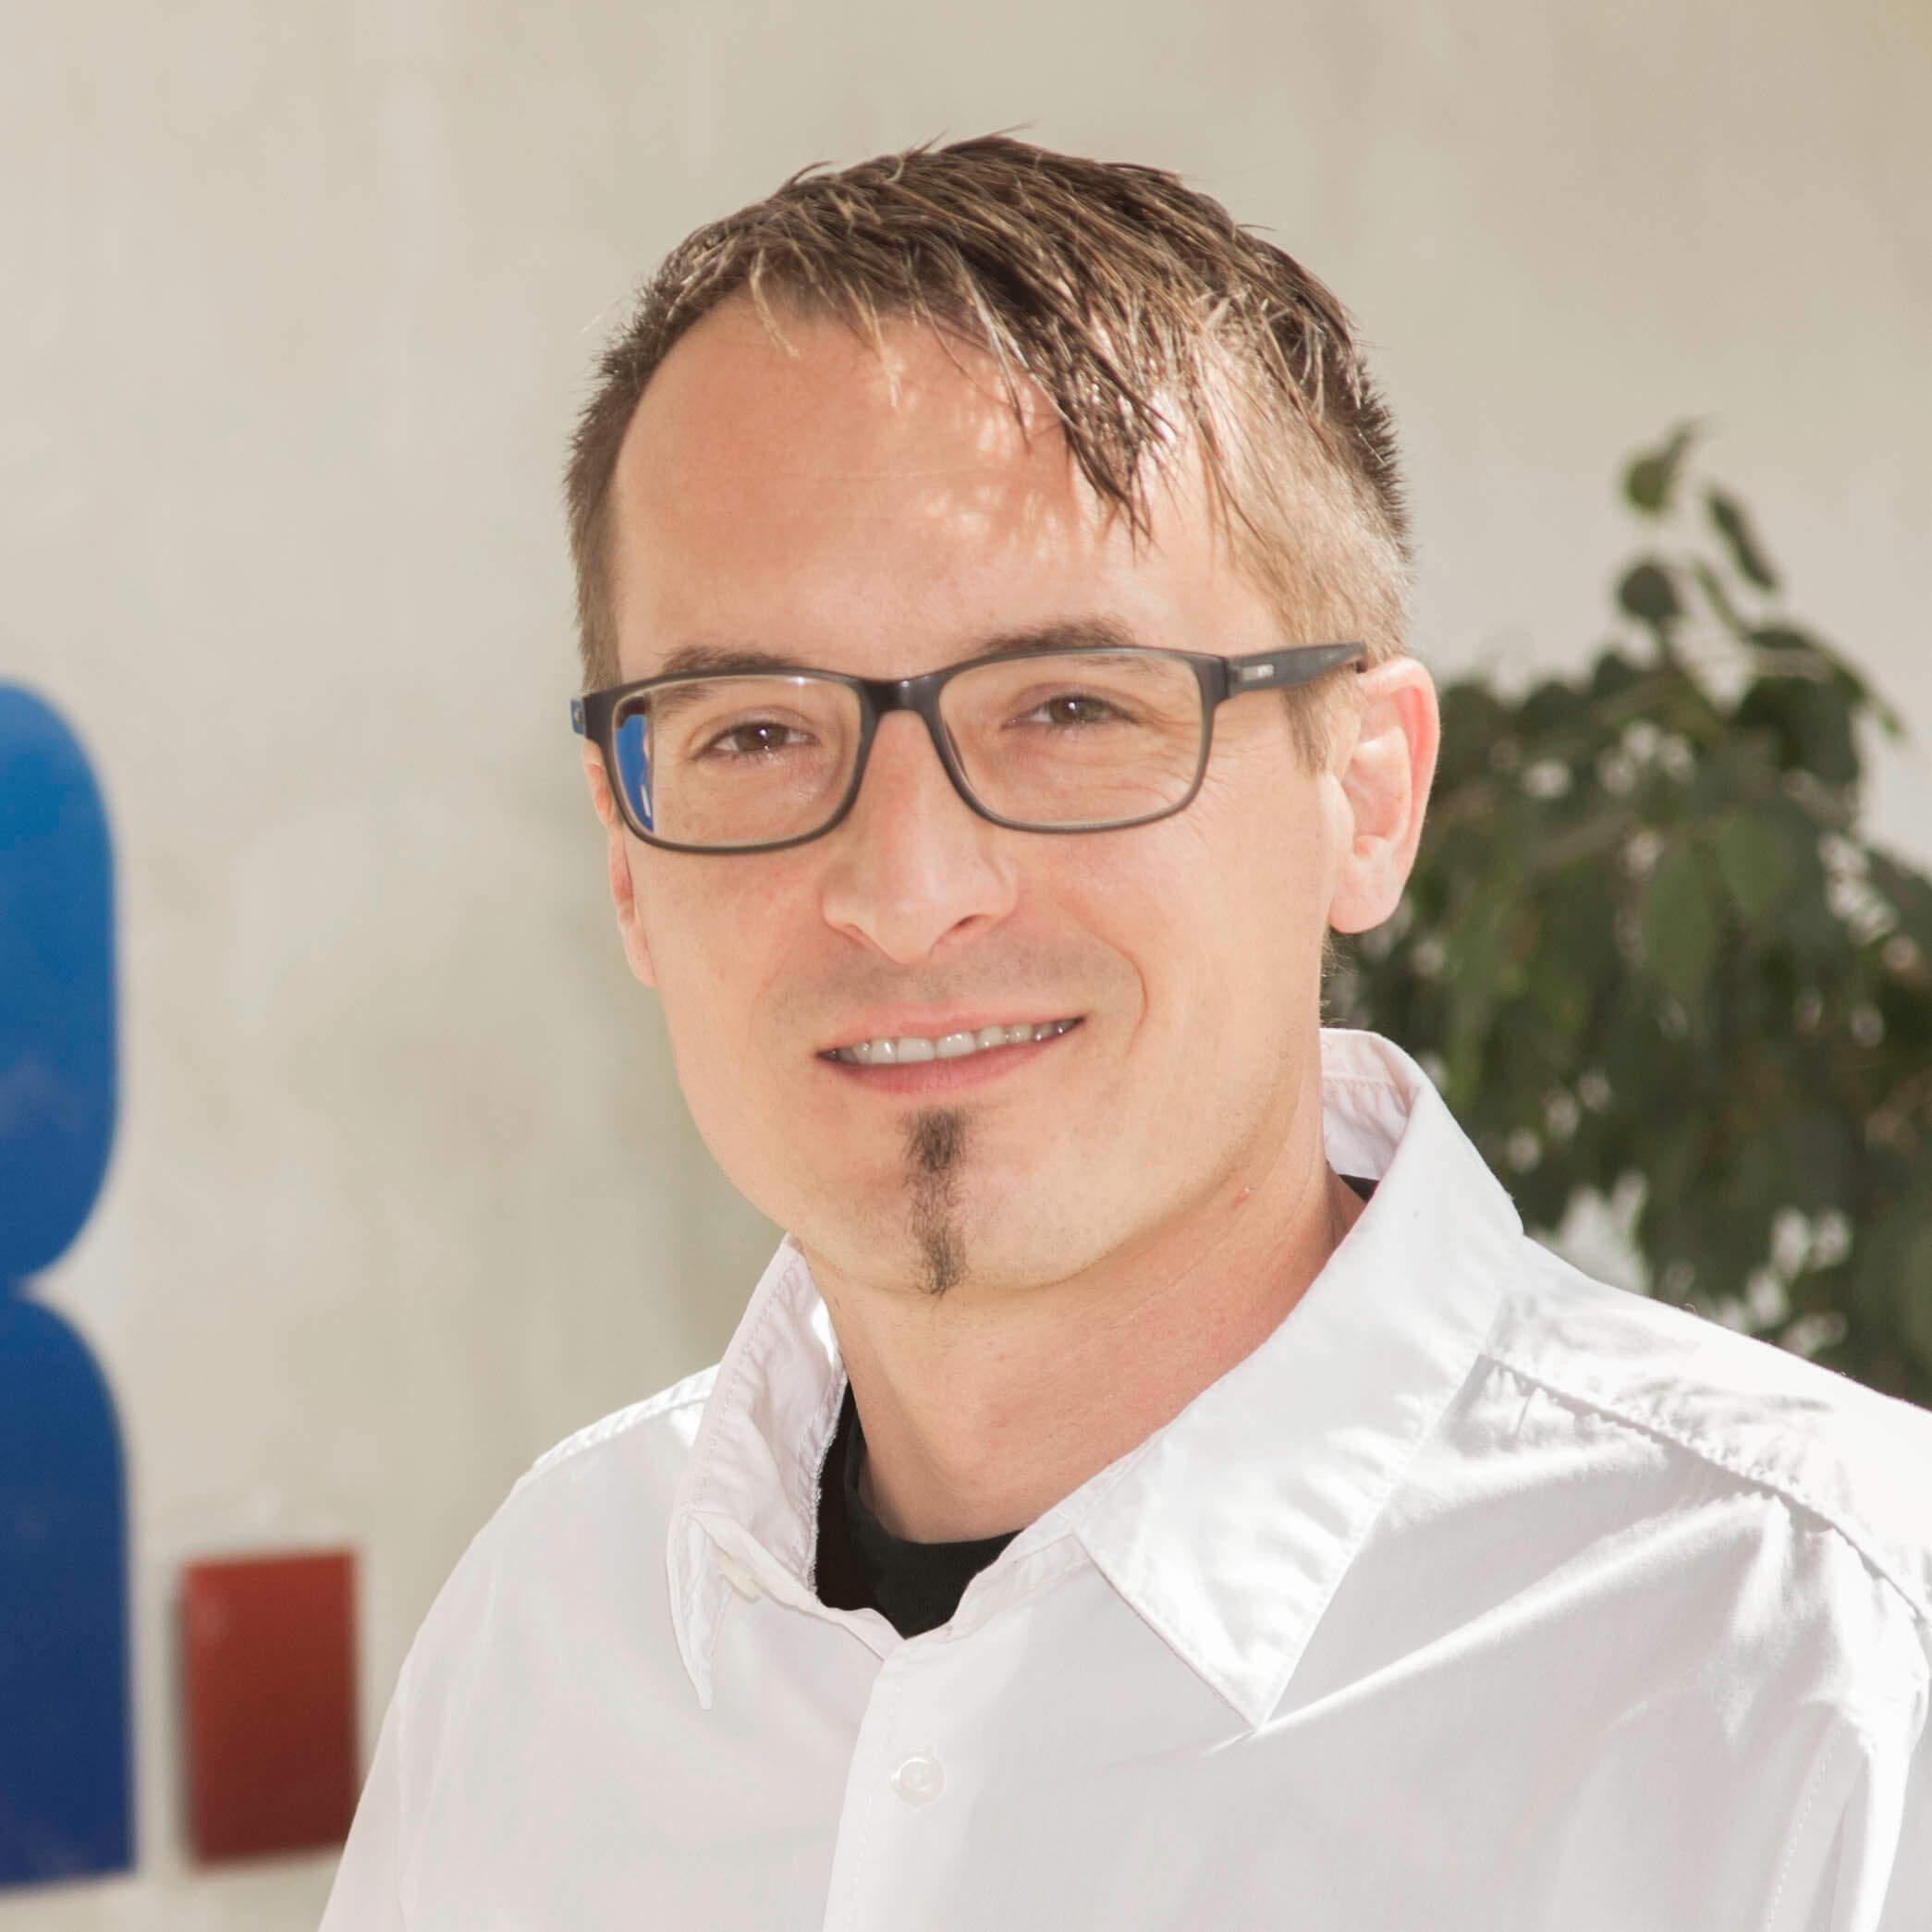 Portraitfoto von SpeedFolder Experte Marc Fink